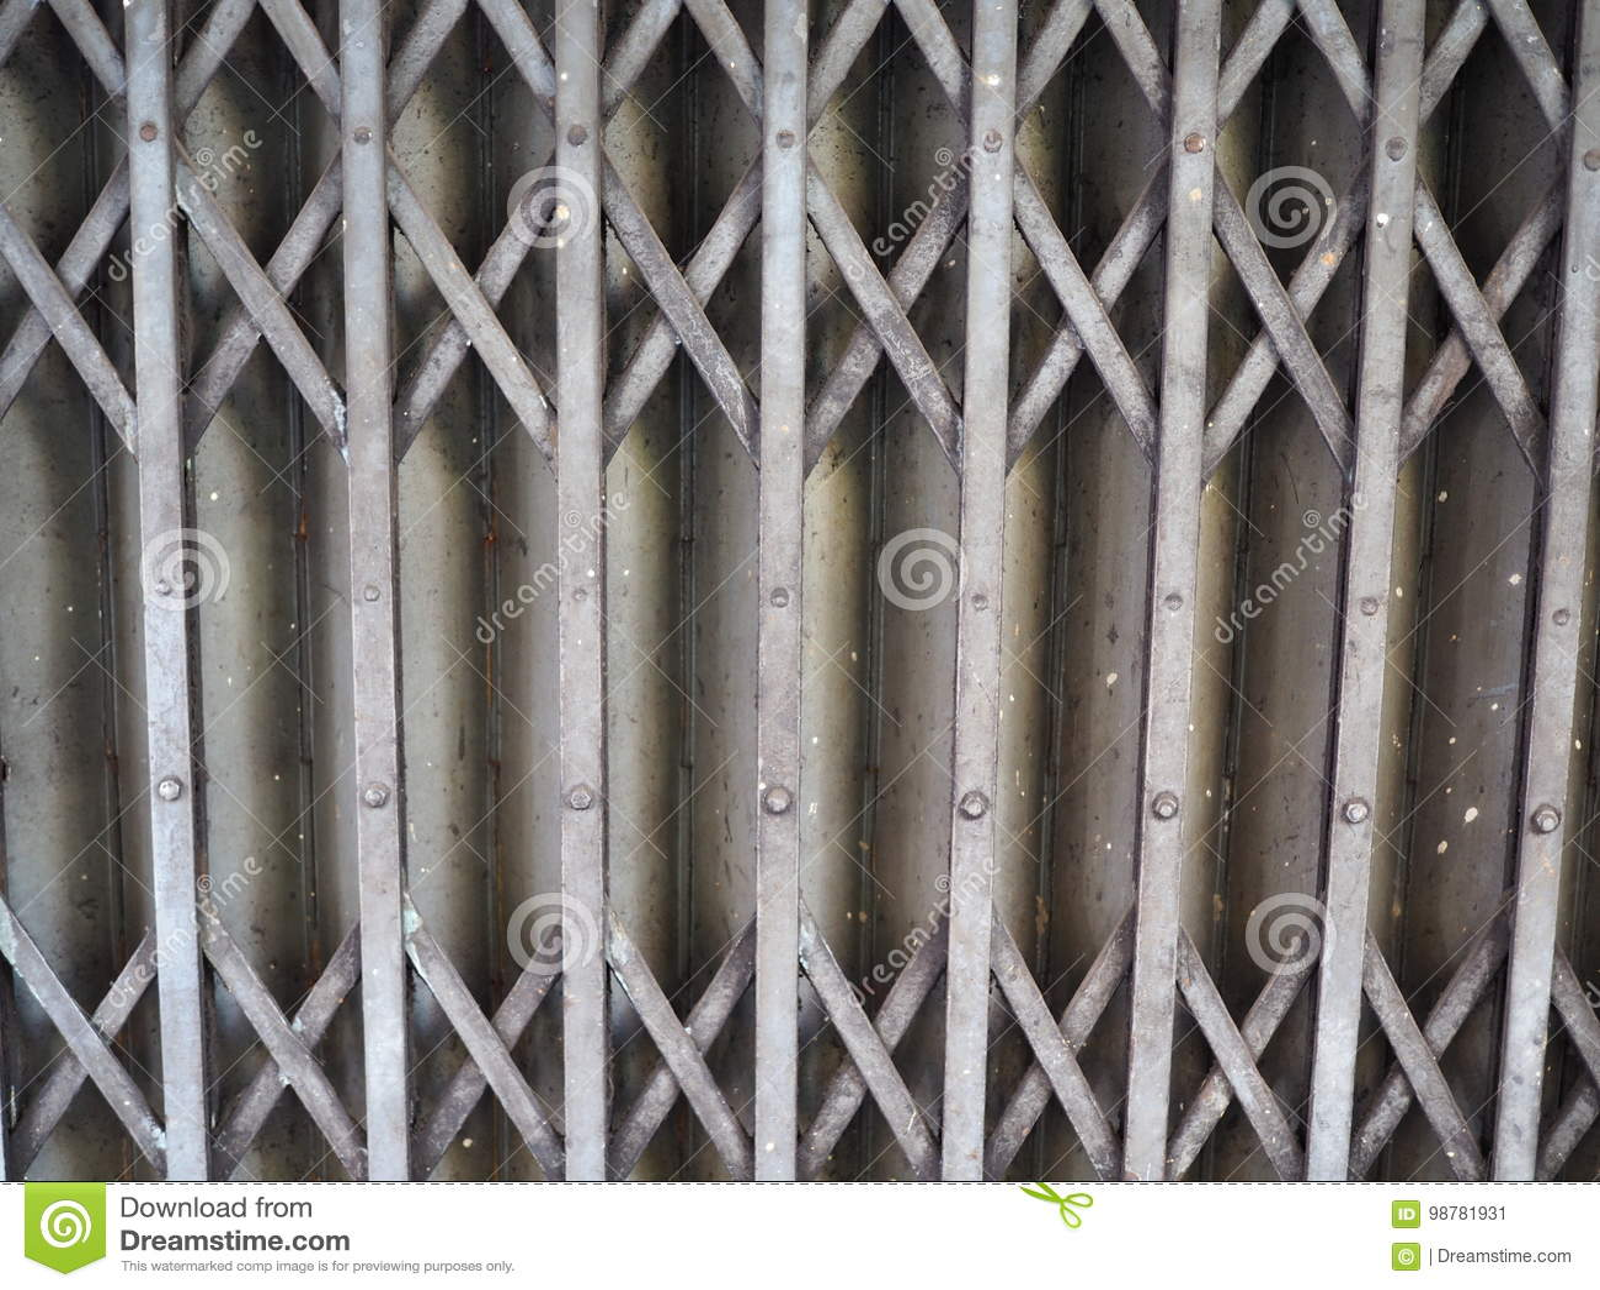 дверь штарки скольжения старого стиля ржавая железная